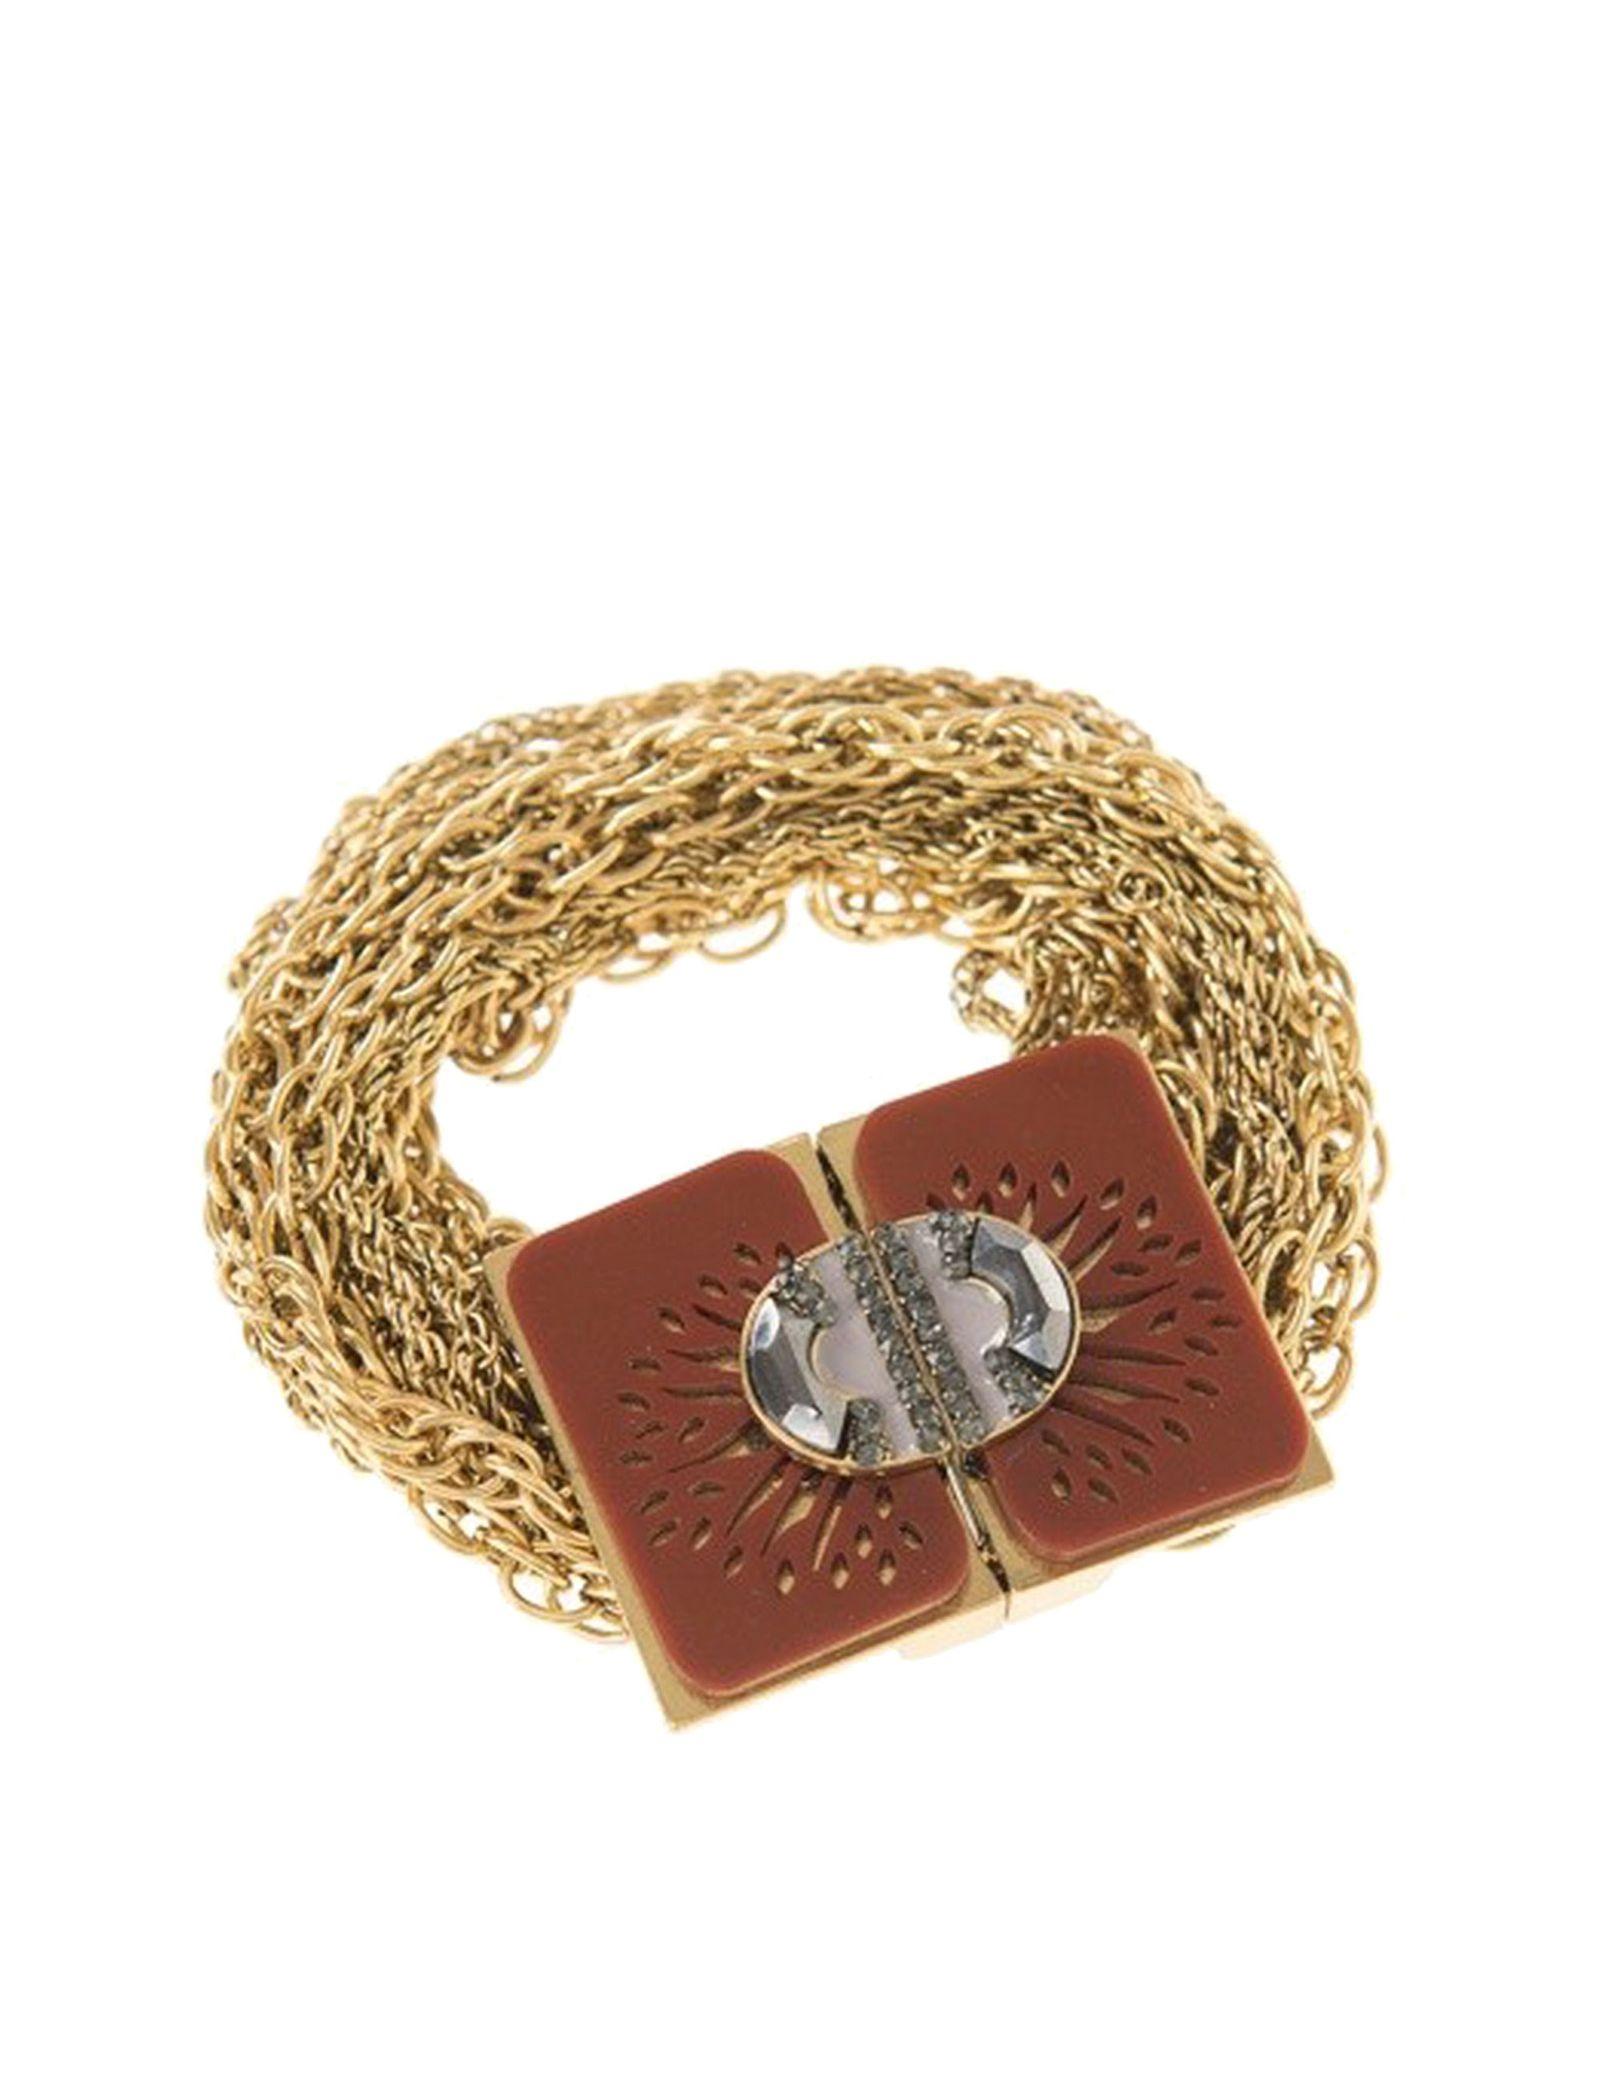 دستبند قفل دار زنانه - پارفوا - قهوه اي - 1